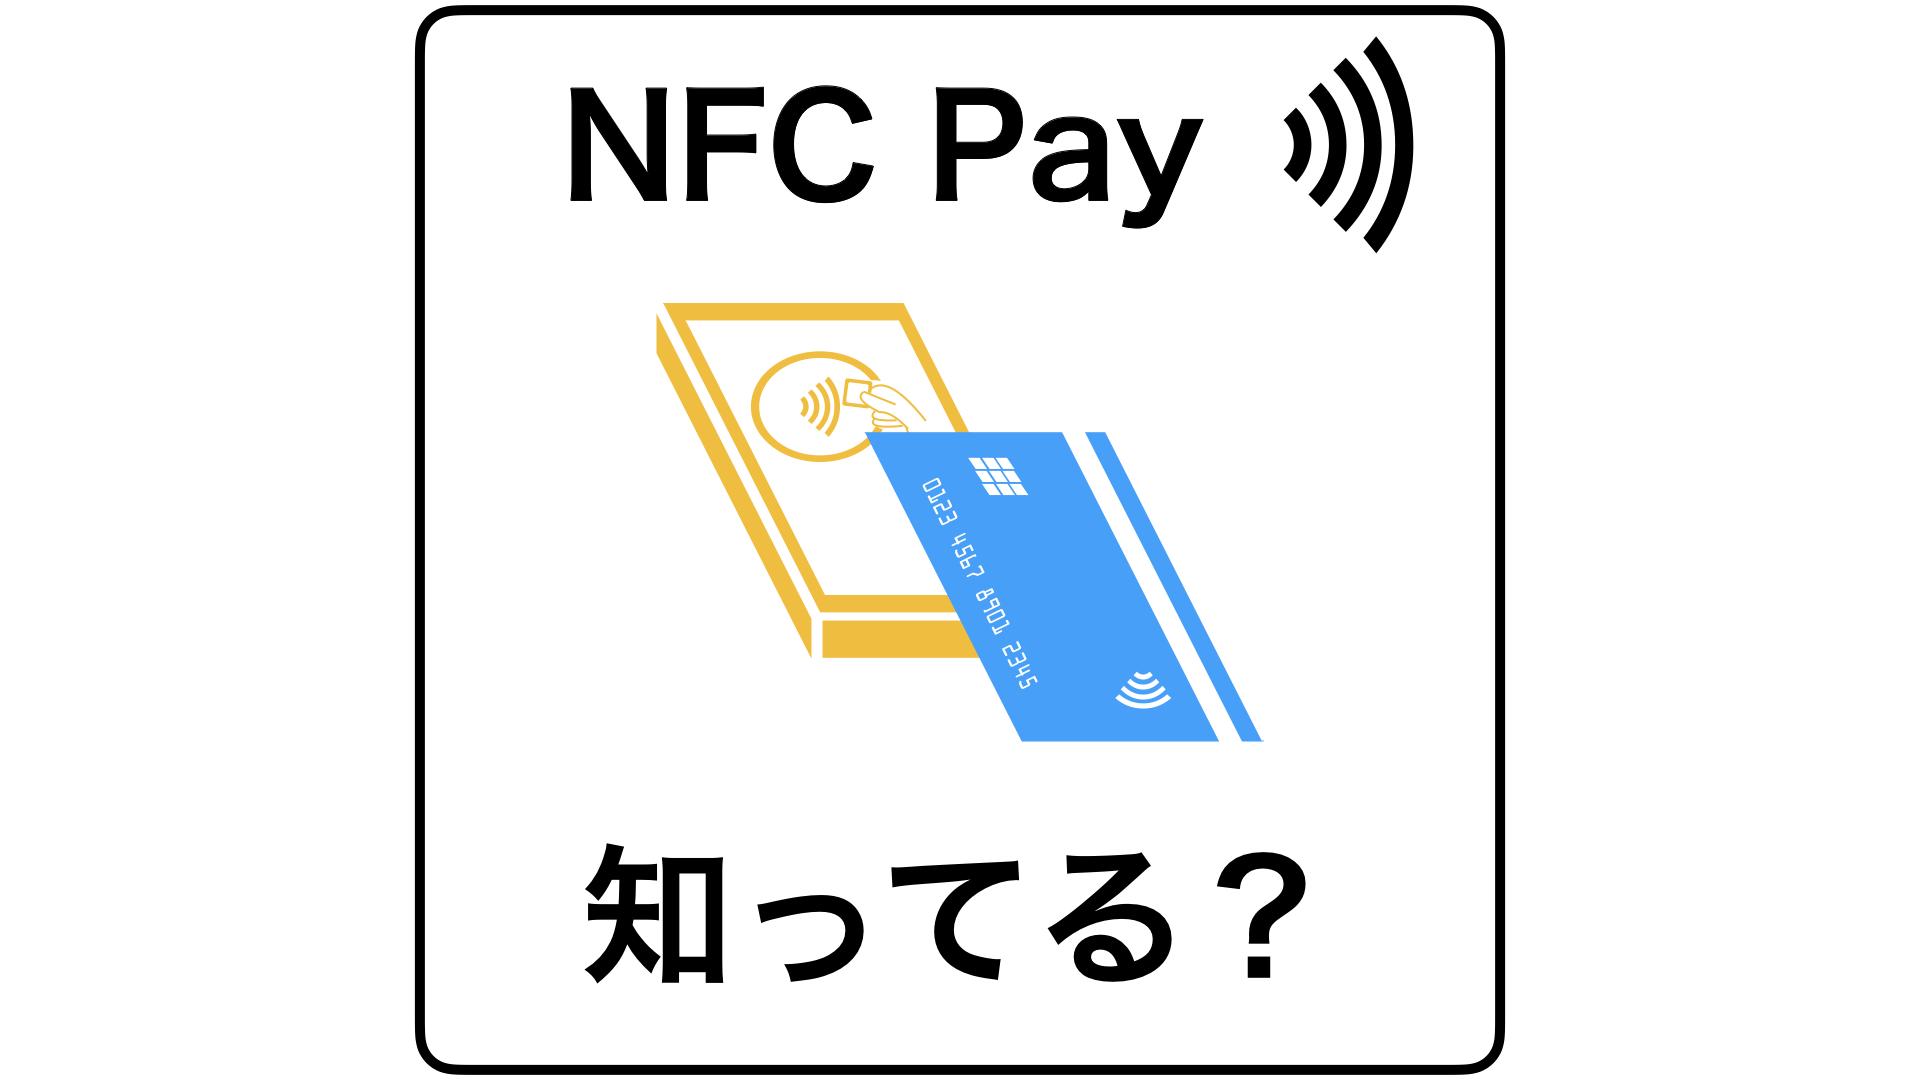 NFC Pay アイキャッチ